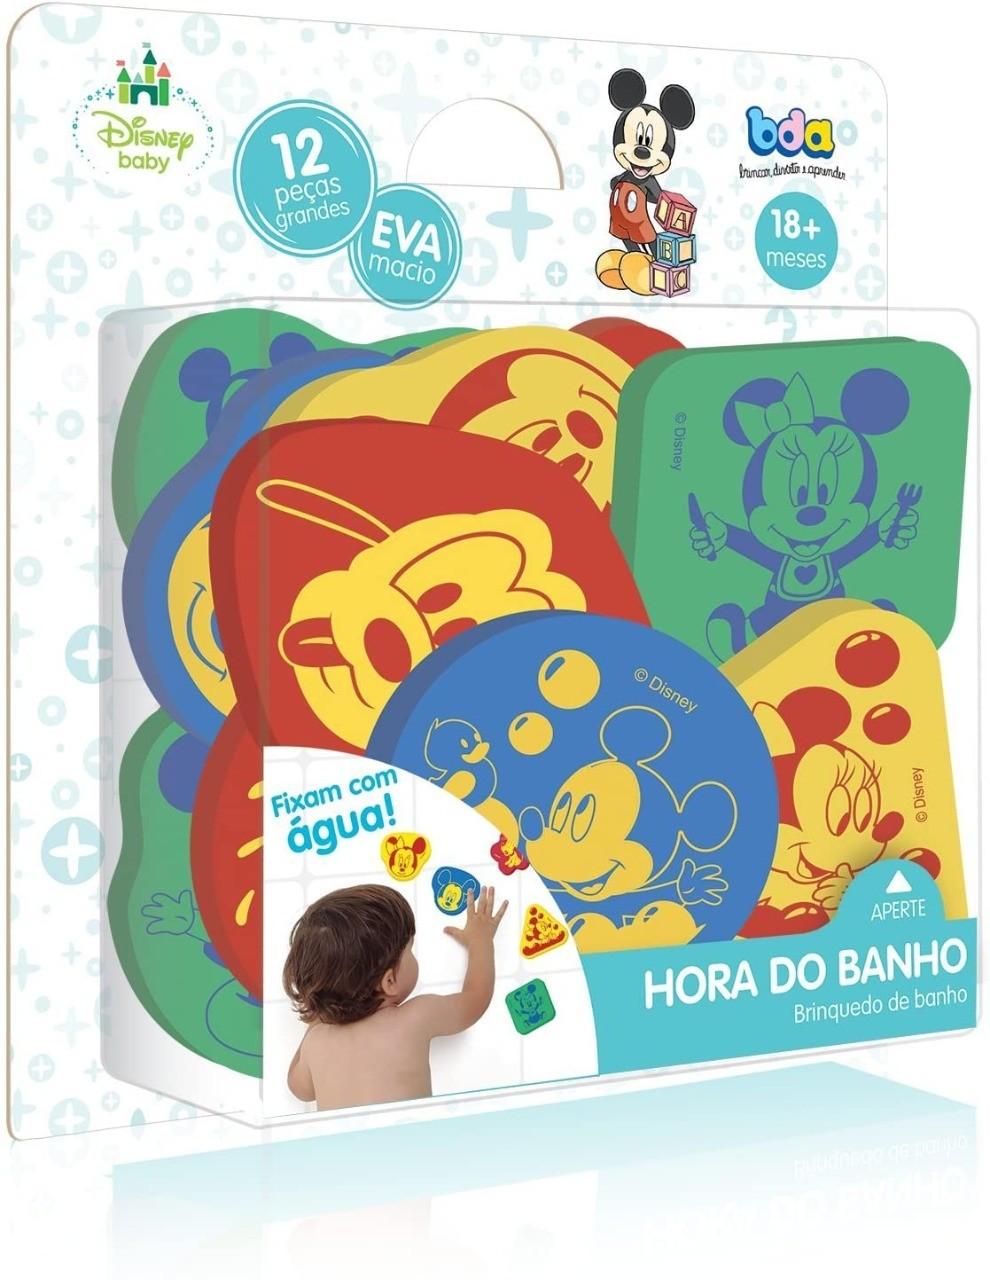 Brinquedo De Banho Em E.V.A Macio Disney Baby Toyster